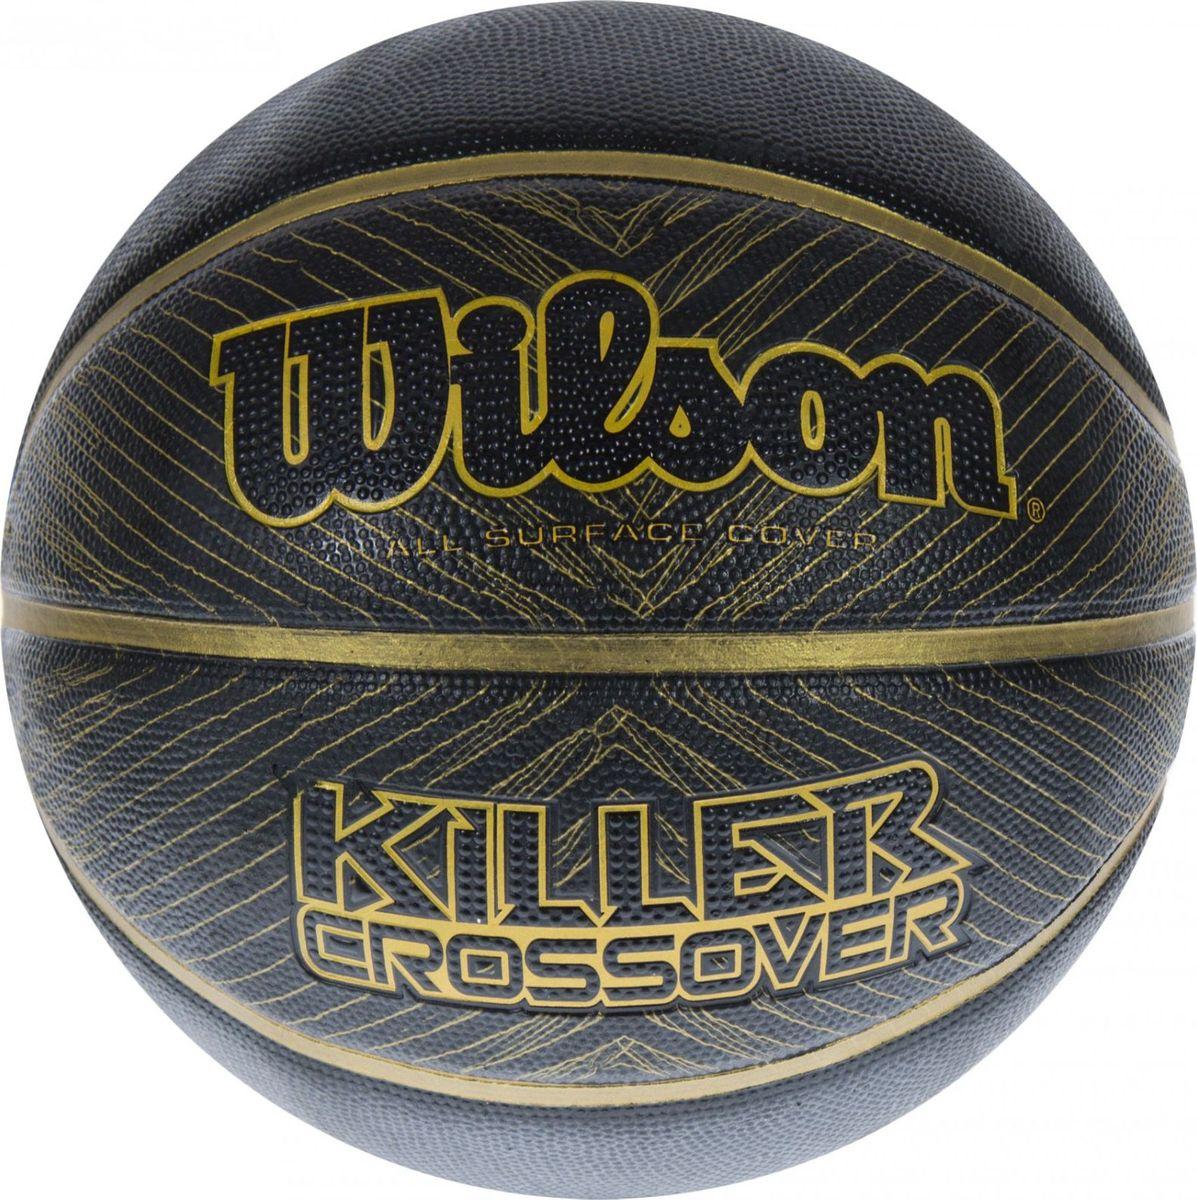 Мяч баскетбольный Wilson Killer Crossover, цвет: черный, серый. Размер: 7УТ-00009331невероятный грип и контроль в условиях игры,камера закрывается специальной системой, сохраняющей максимамум воздуха и давления, под давлением поступающего воздуха.